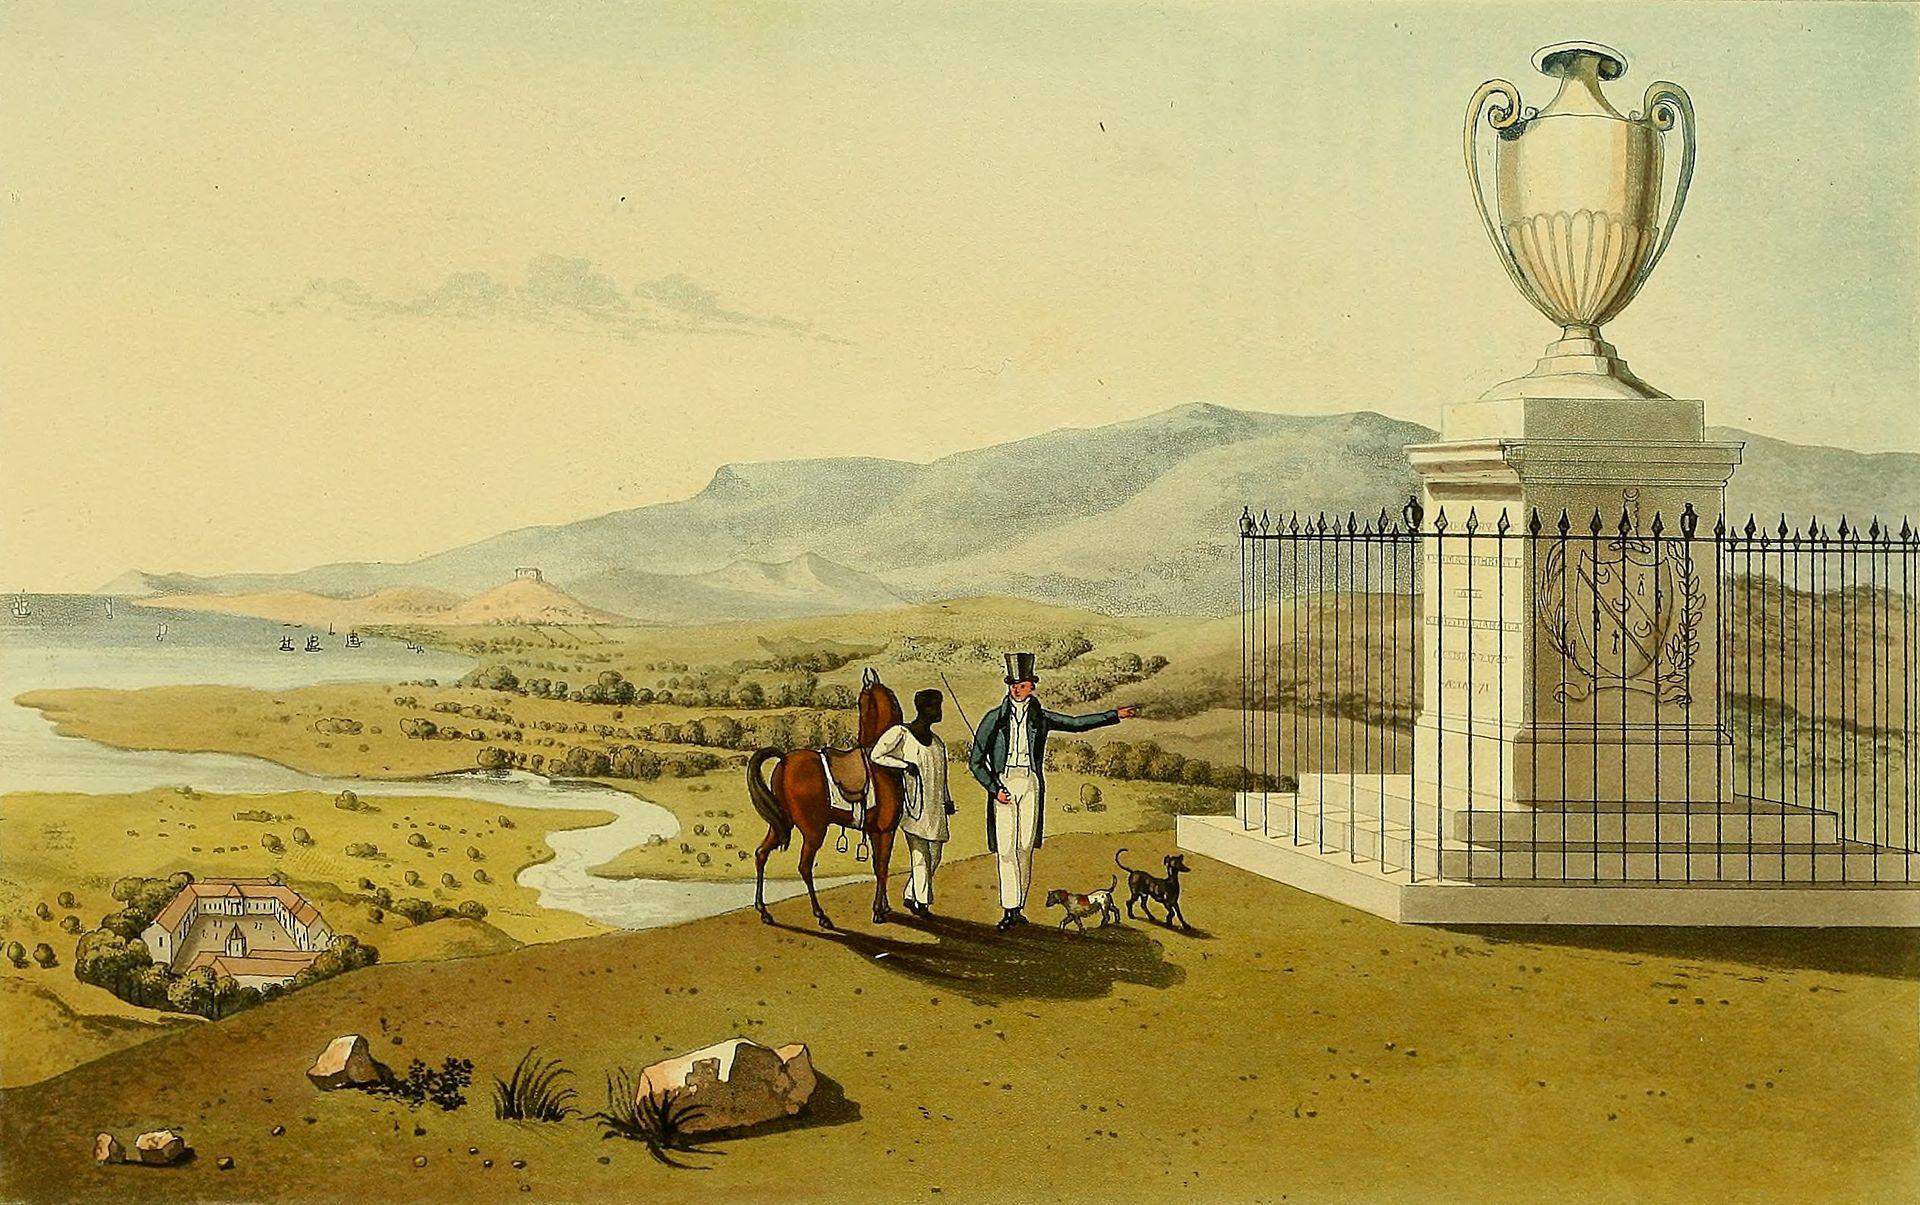 Акварель из альбома Джеймса Хейквилла с изображением монумента на месте захоронения Томаса Хибберта-старейшего на вершине холма. Рисунки выполнены в 1820-21 годах, альбом издан в издательстве Харт и Робинсон в Лондоне в 1825 году.